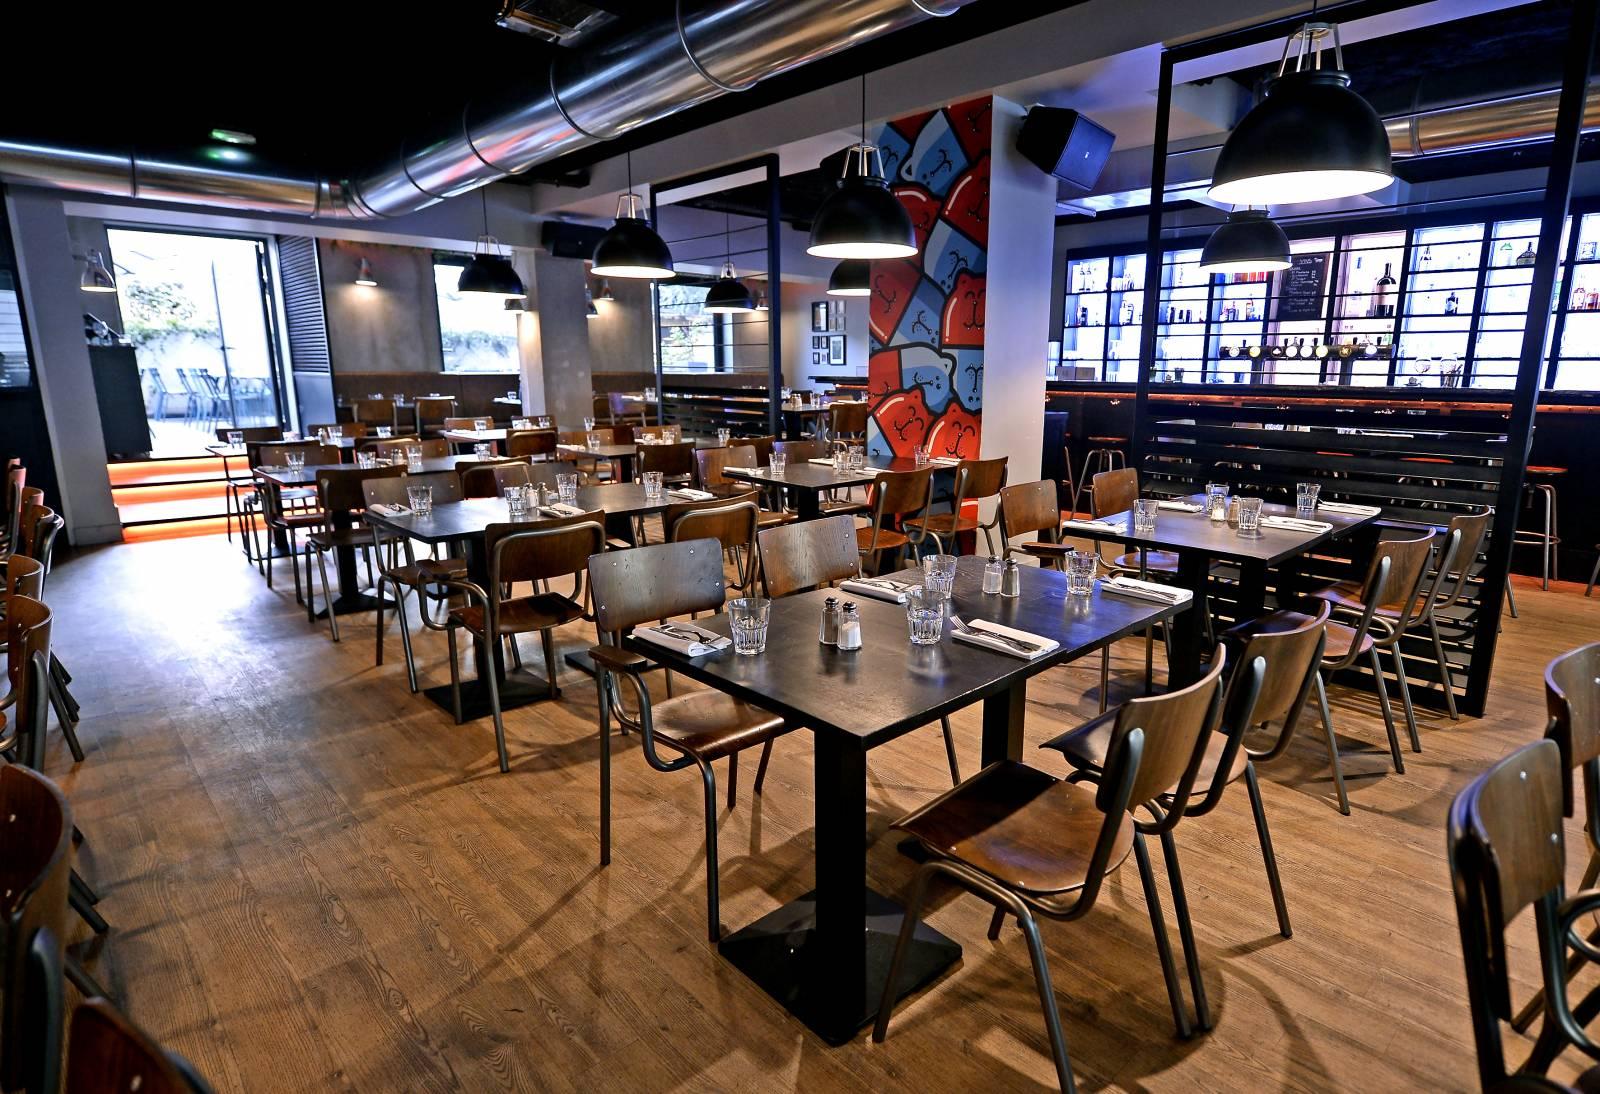 Restaurant Brasserie pour vos repas de midi - GOT MILK